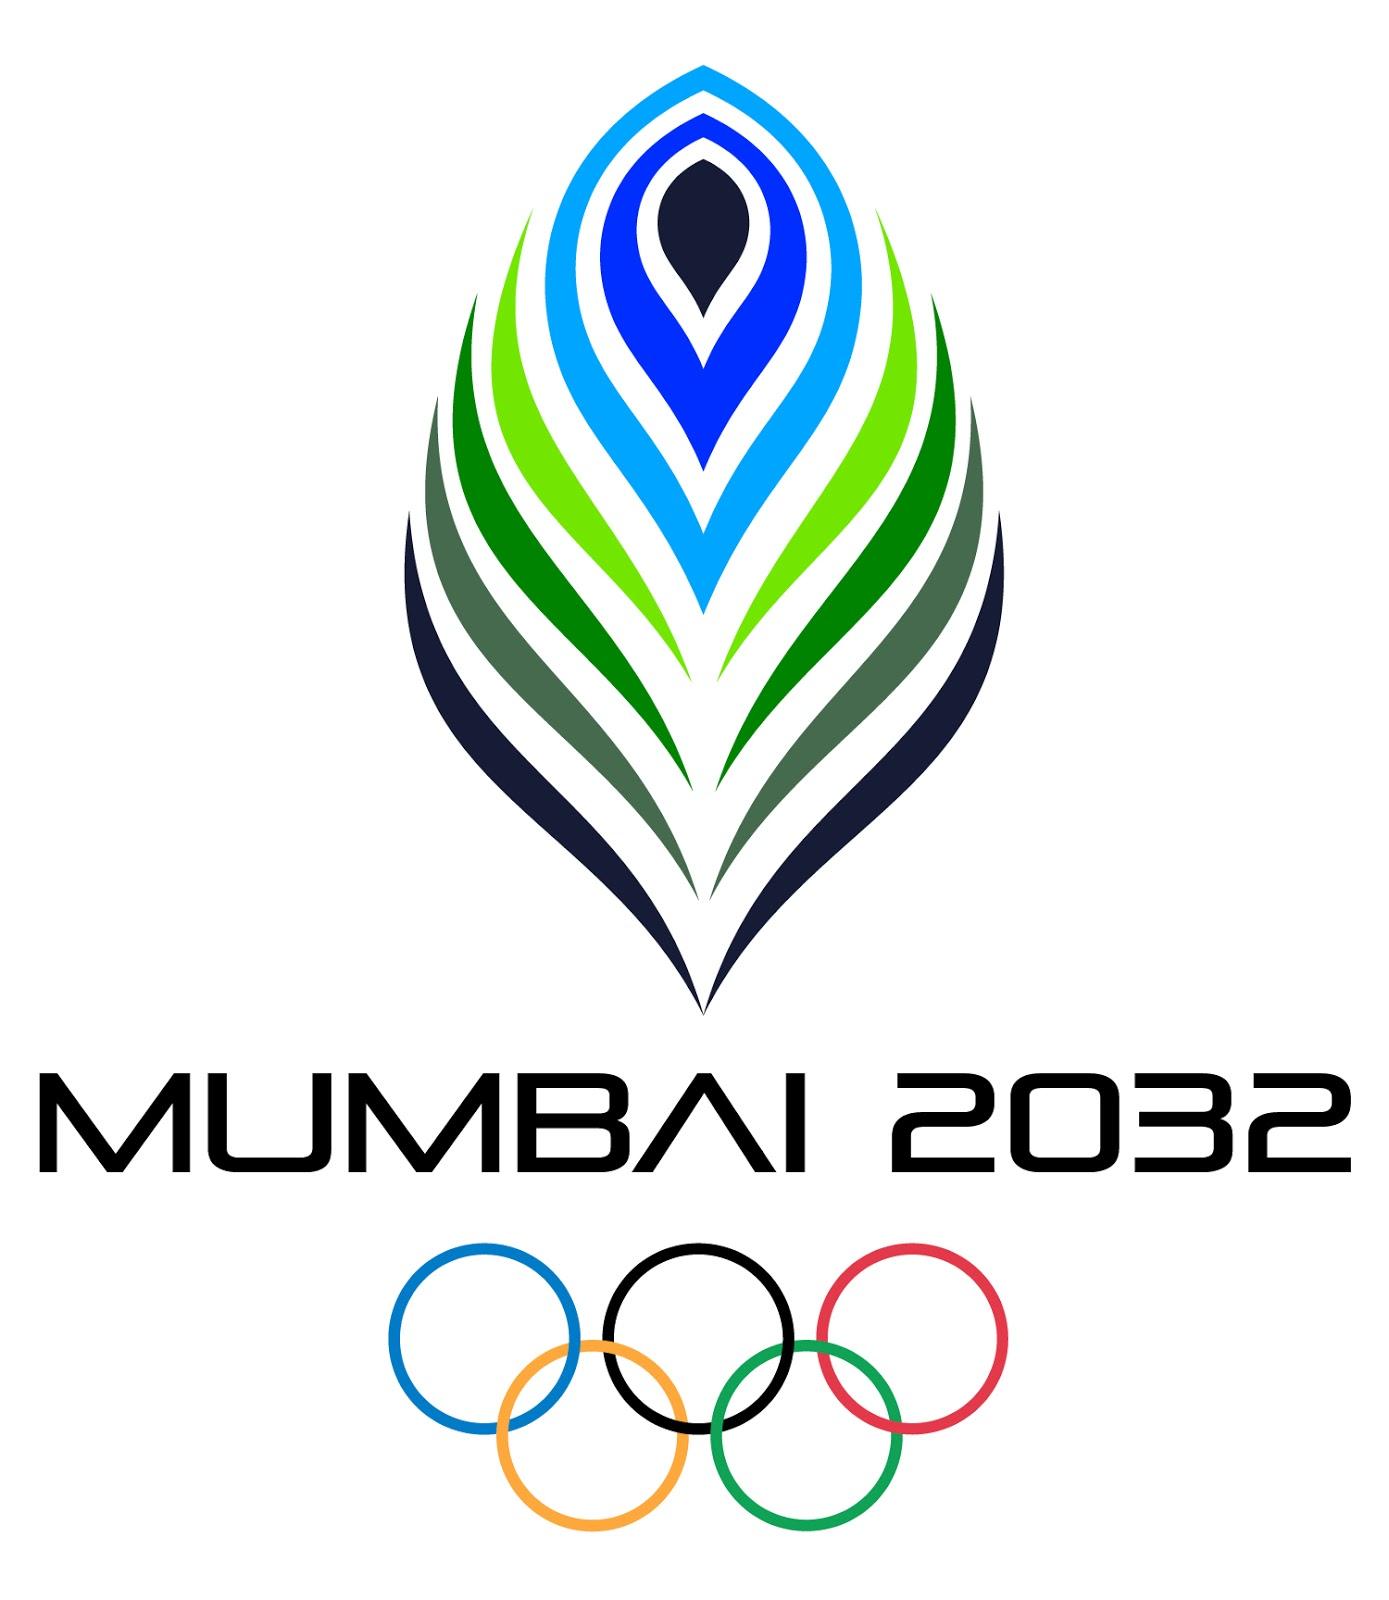 mumbai-2032-paul.jpg